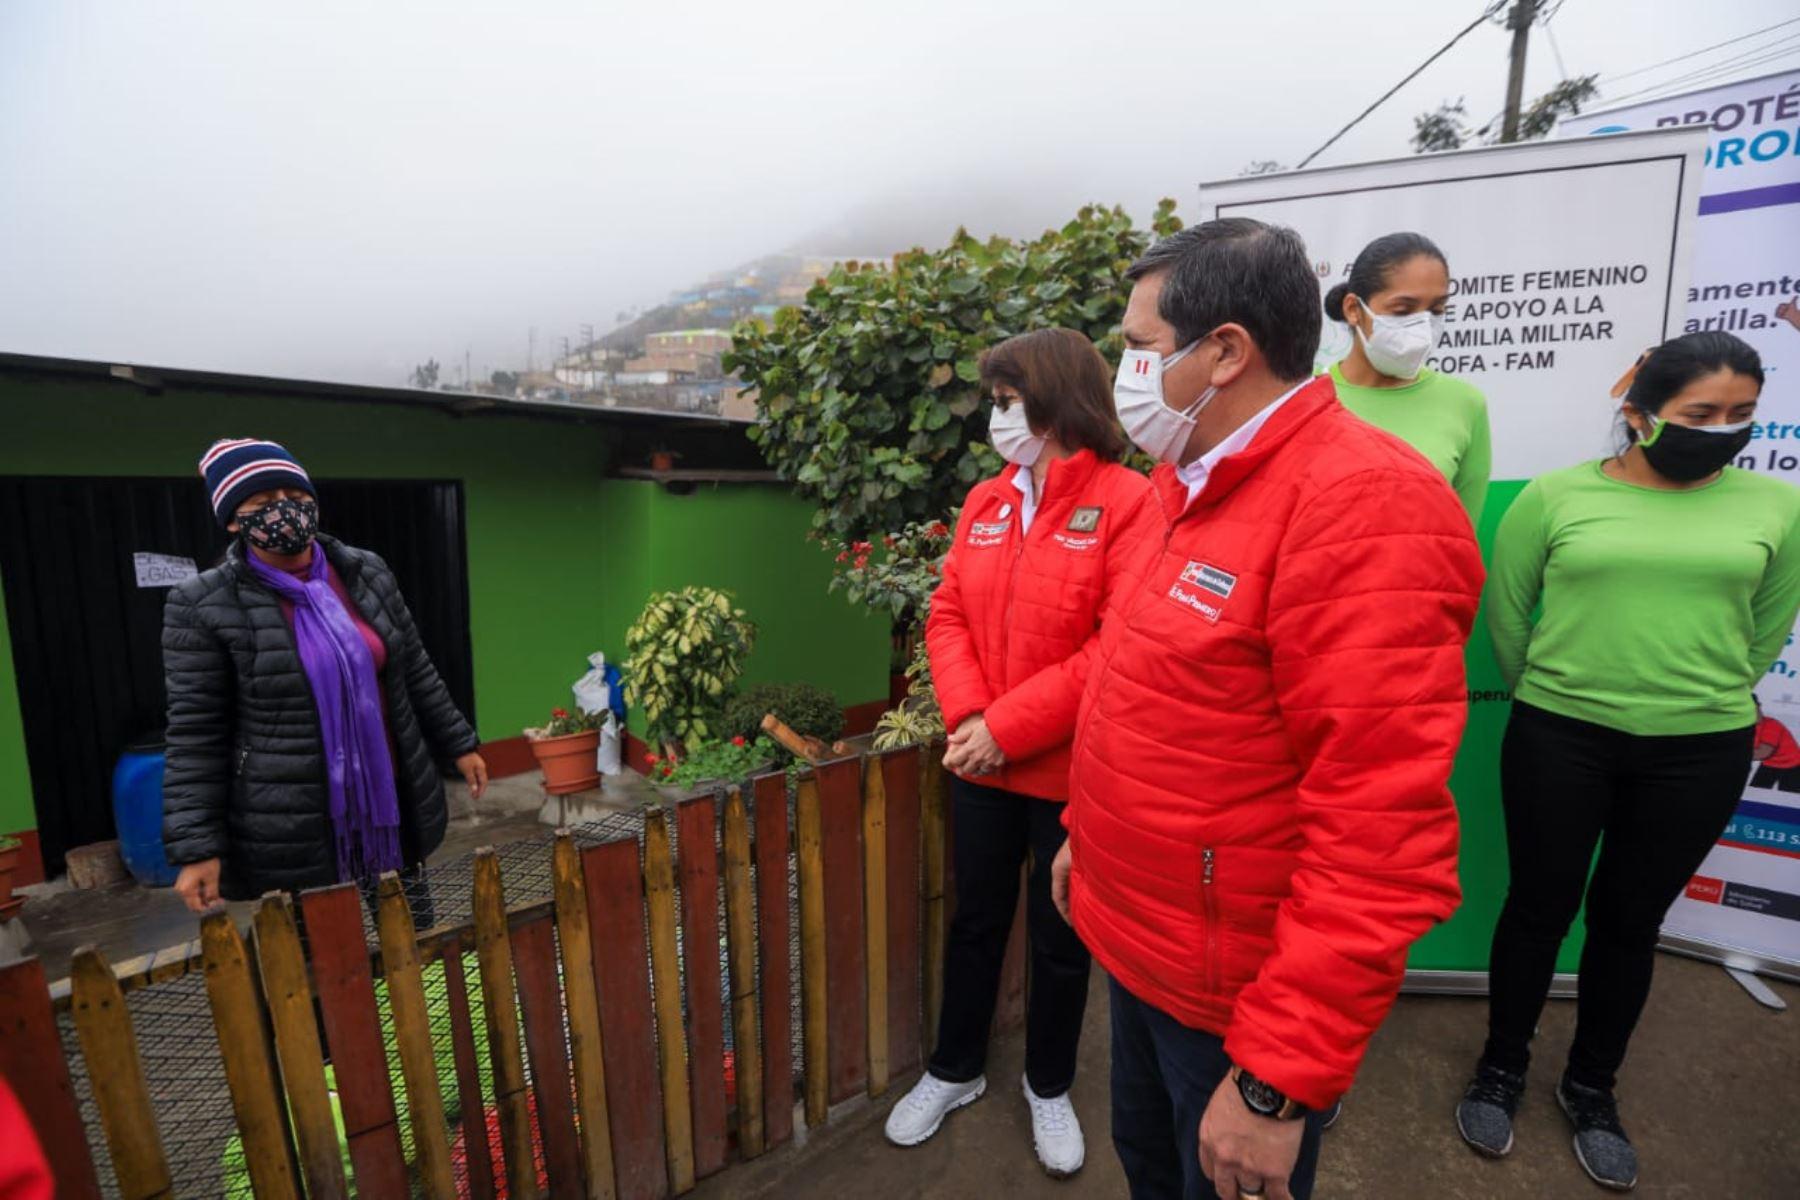 Ministro de Defensa, Jorge Chávez, y titular de Salud, Pilar Mazzetti, durante acción cívica en San Juan de Miraflores. Foto: ANDINA/difusión.